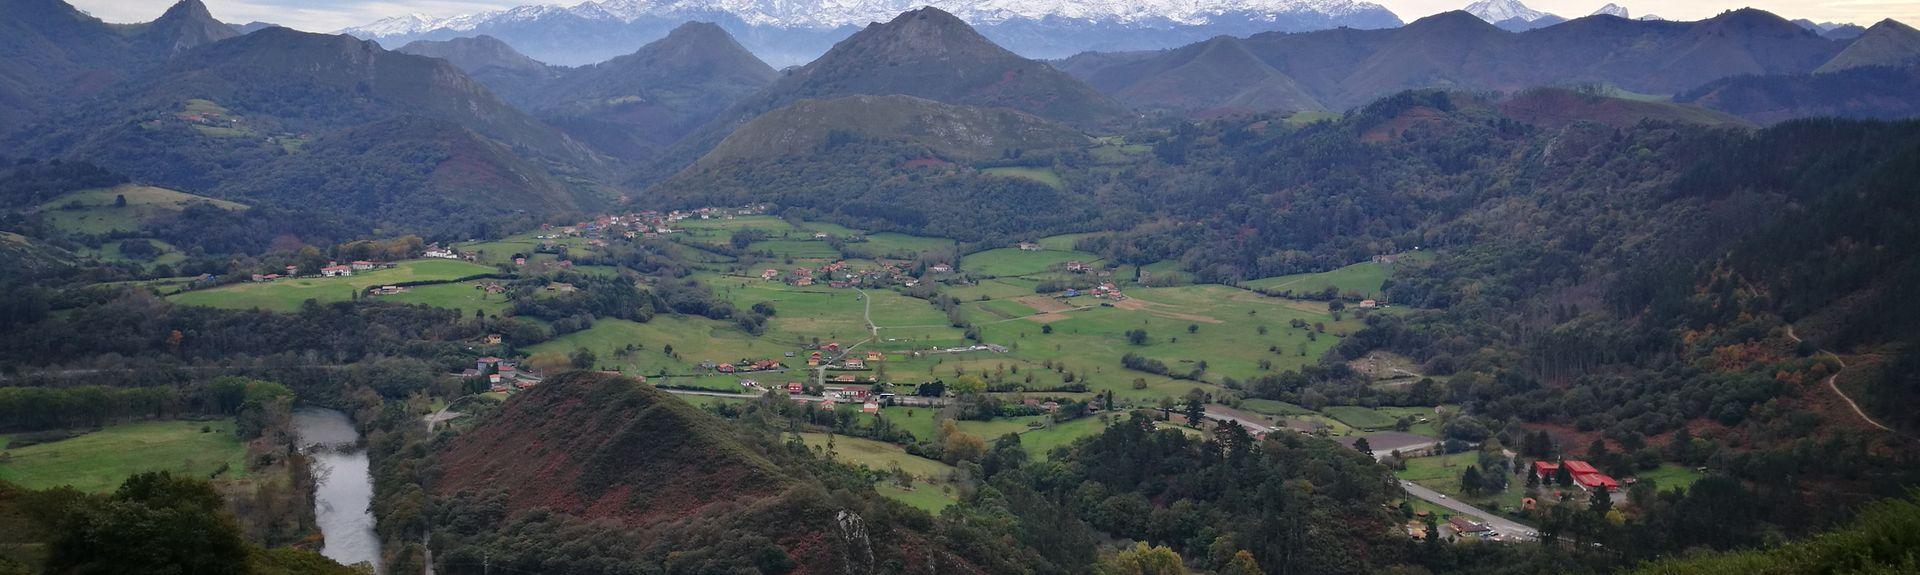 Cantabrian Mountains, Spain